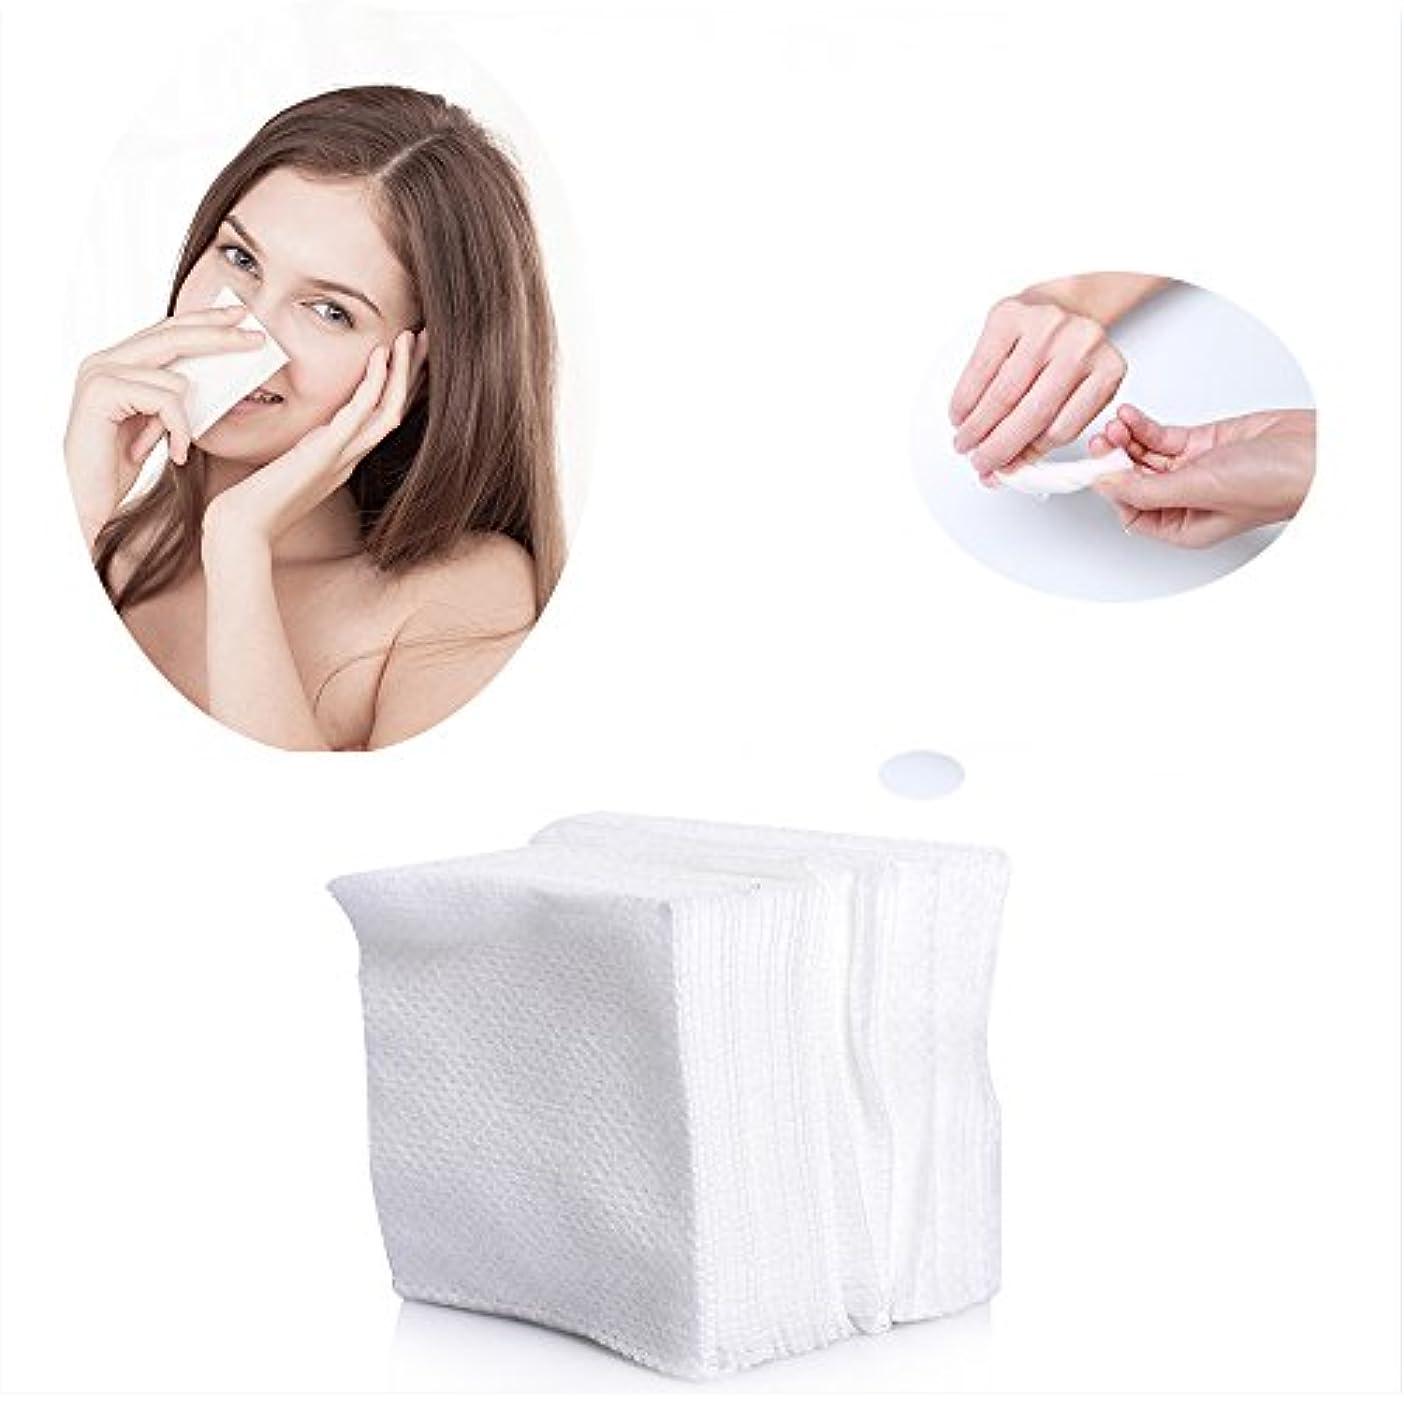 前方へ資格情報パーツコットンパフ 化粧用コットン 敏感肌 顔拭きシート メイクアップ コットン 100枚入